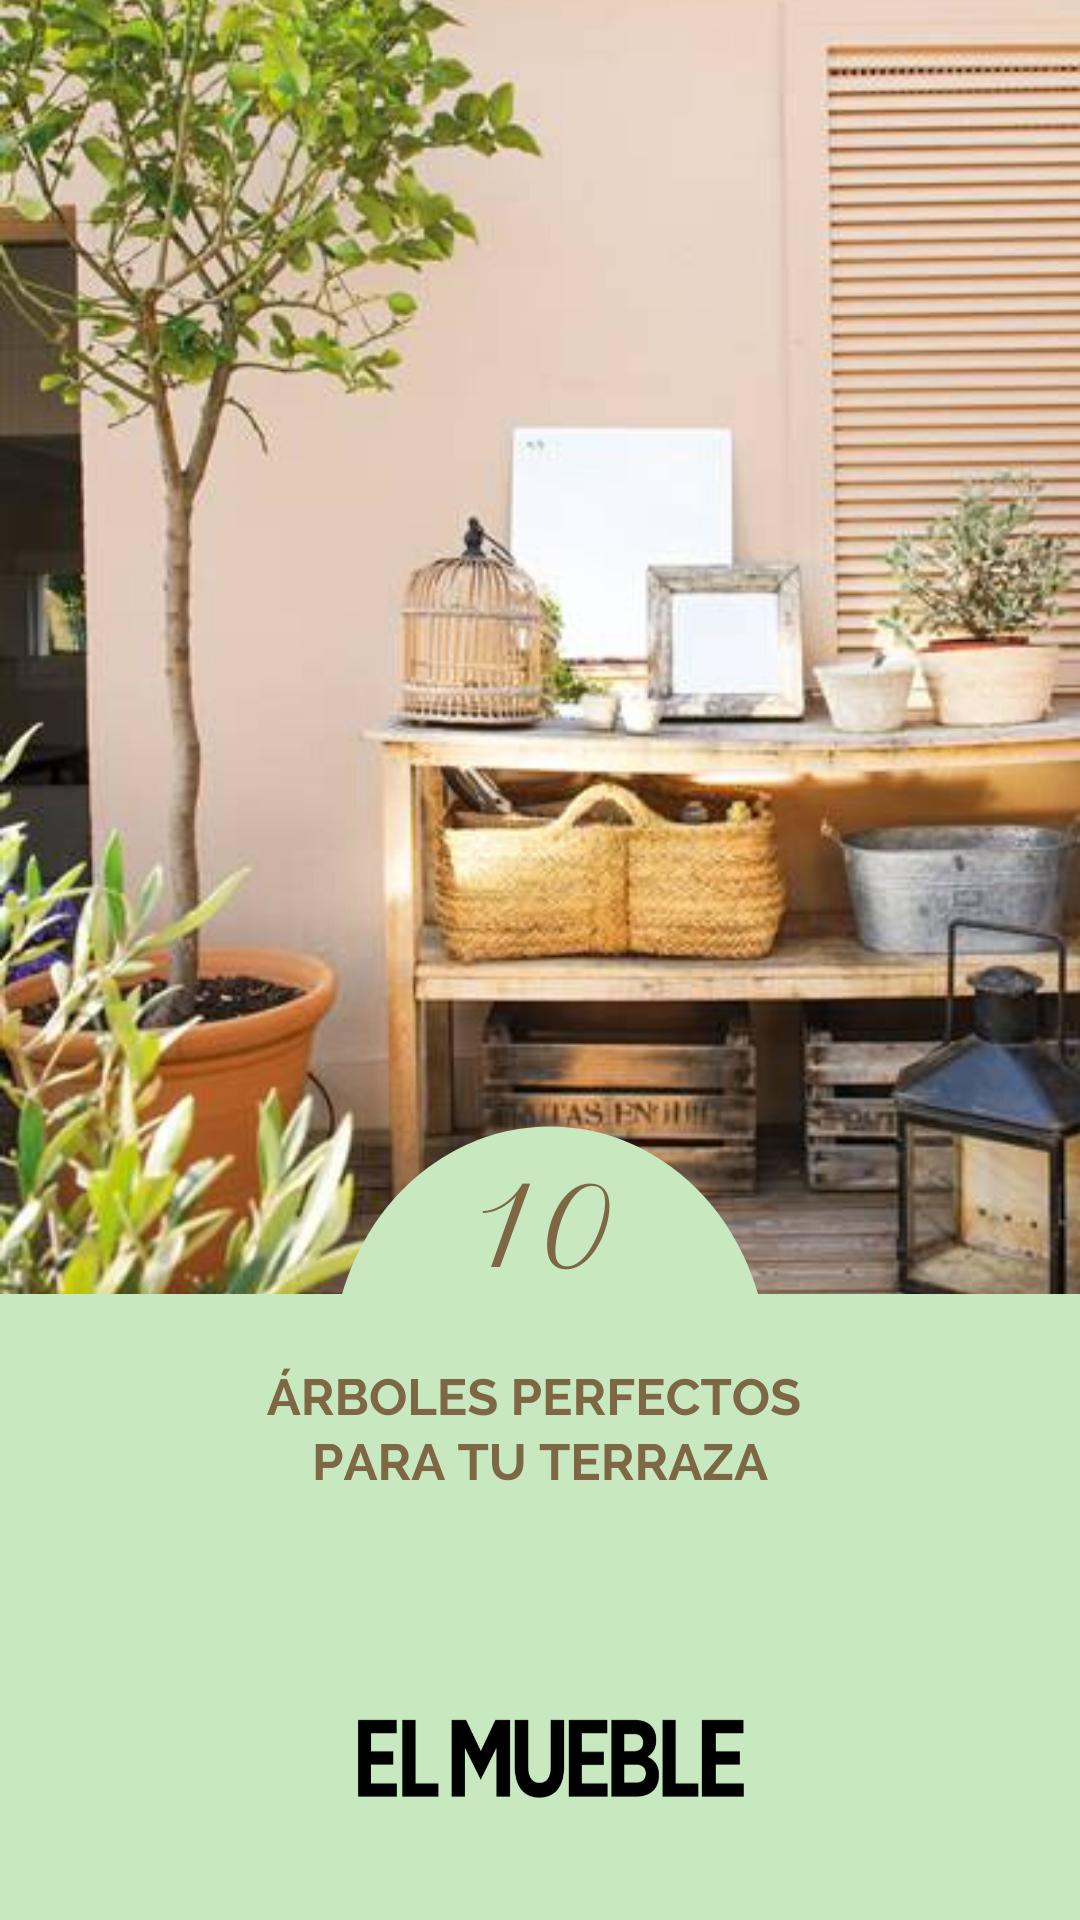 10 Arboles Perfectos Para Tu Terraza En 2020 Cultivo De Arboles Frutales Frutales En Maceta Arboles Frutales En Macetas